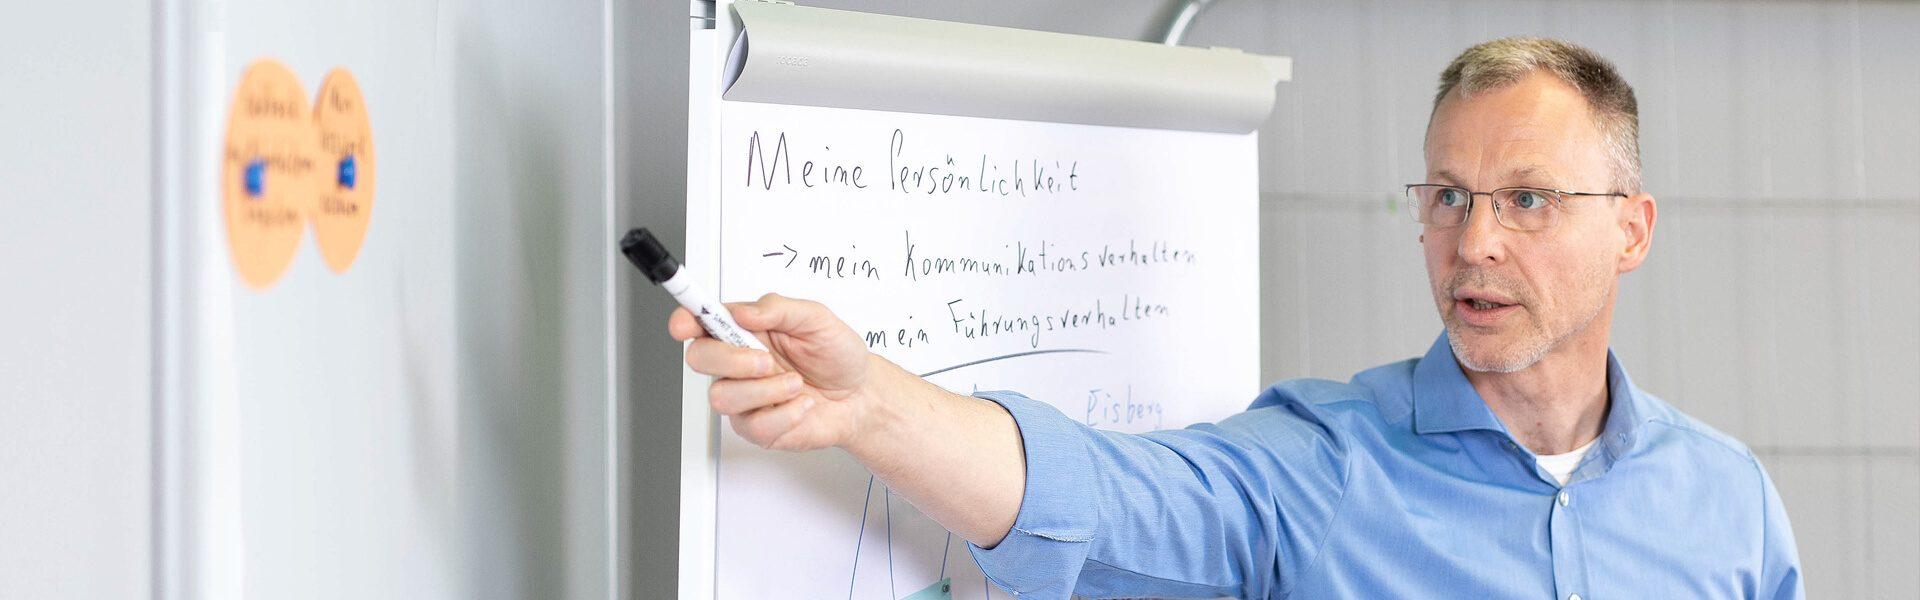 Header_Fuehrungskraefte